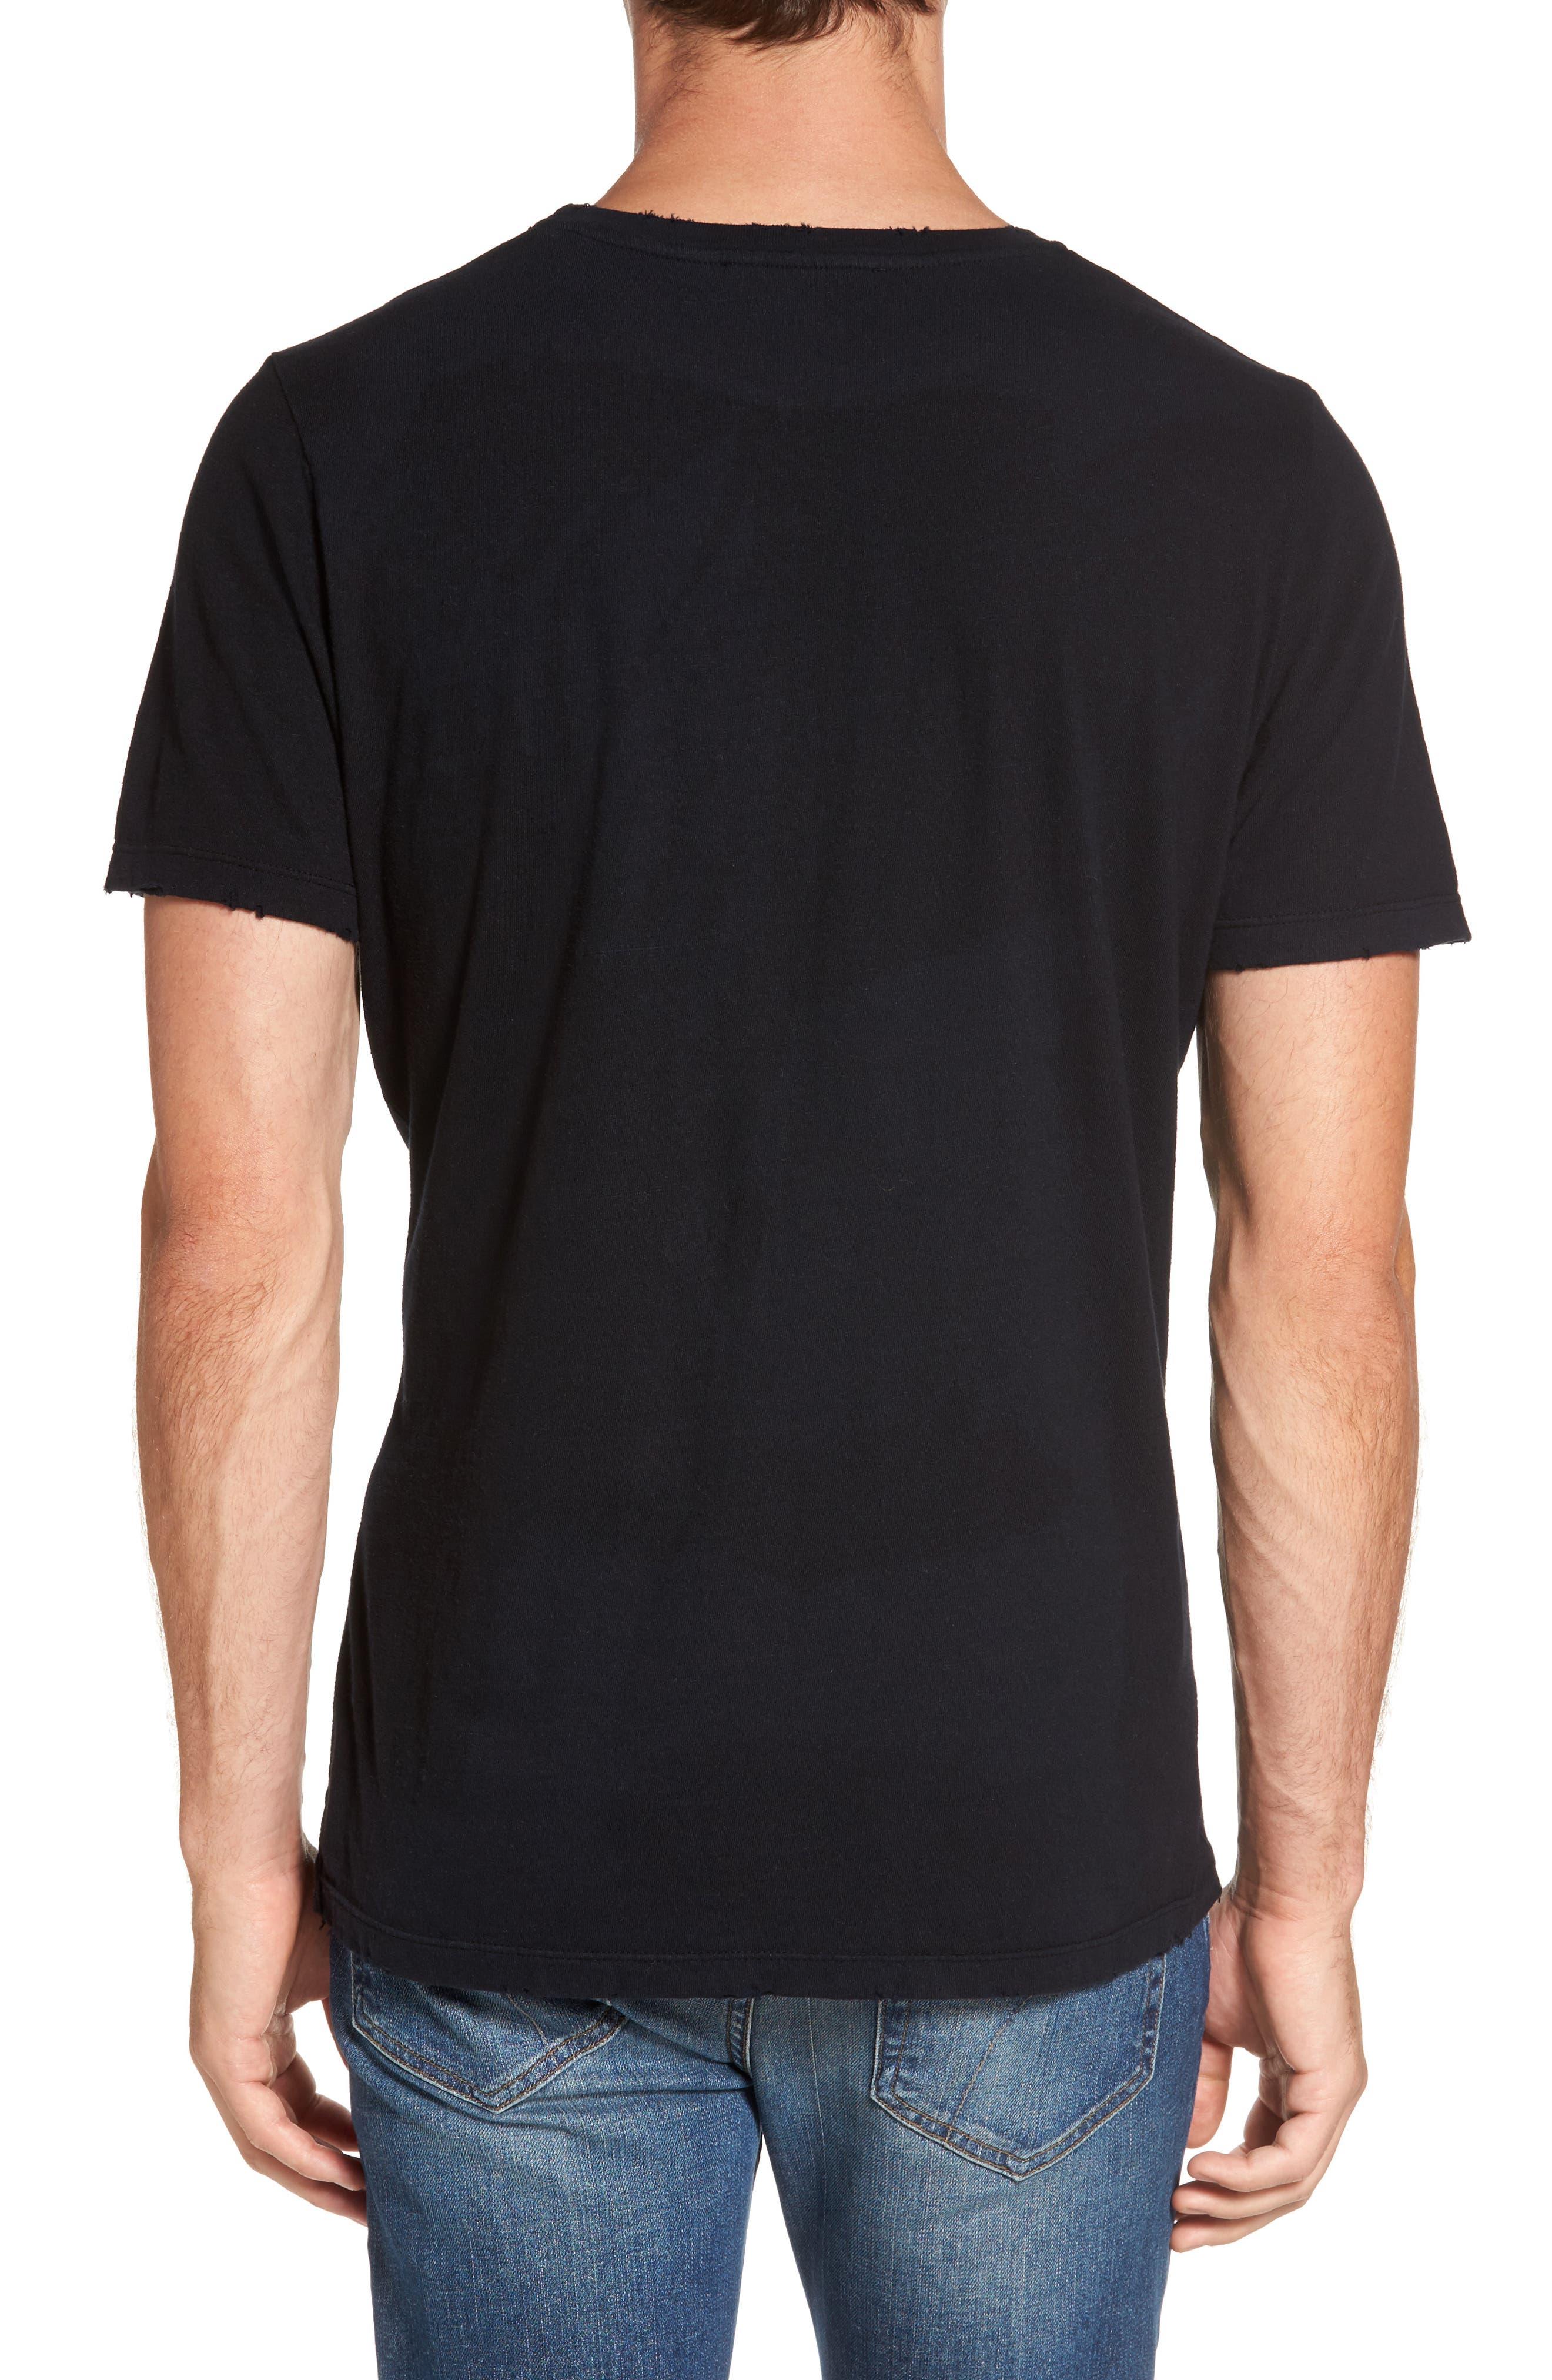 Bronco 3 T-Shirt,                             Alternate thumbnail 2, color,                             Noir